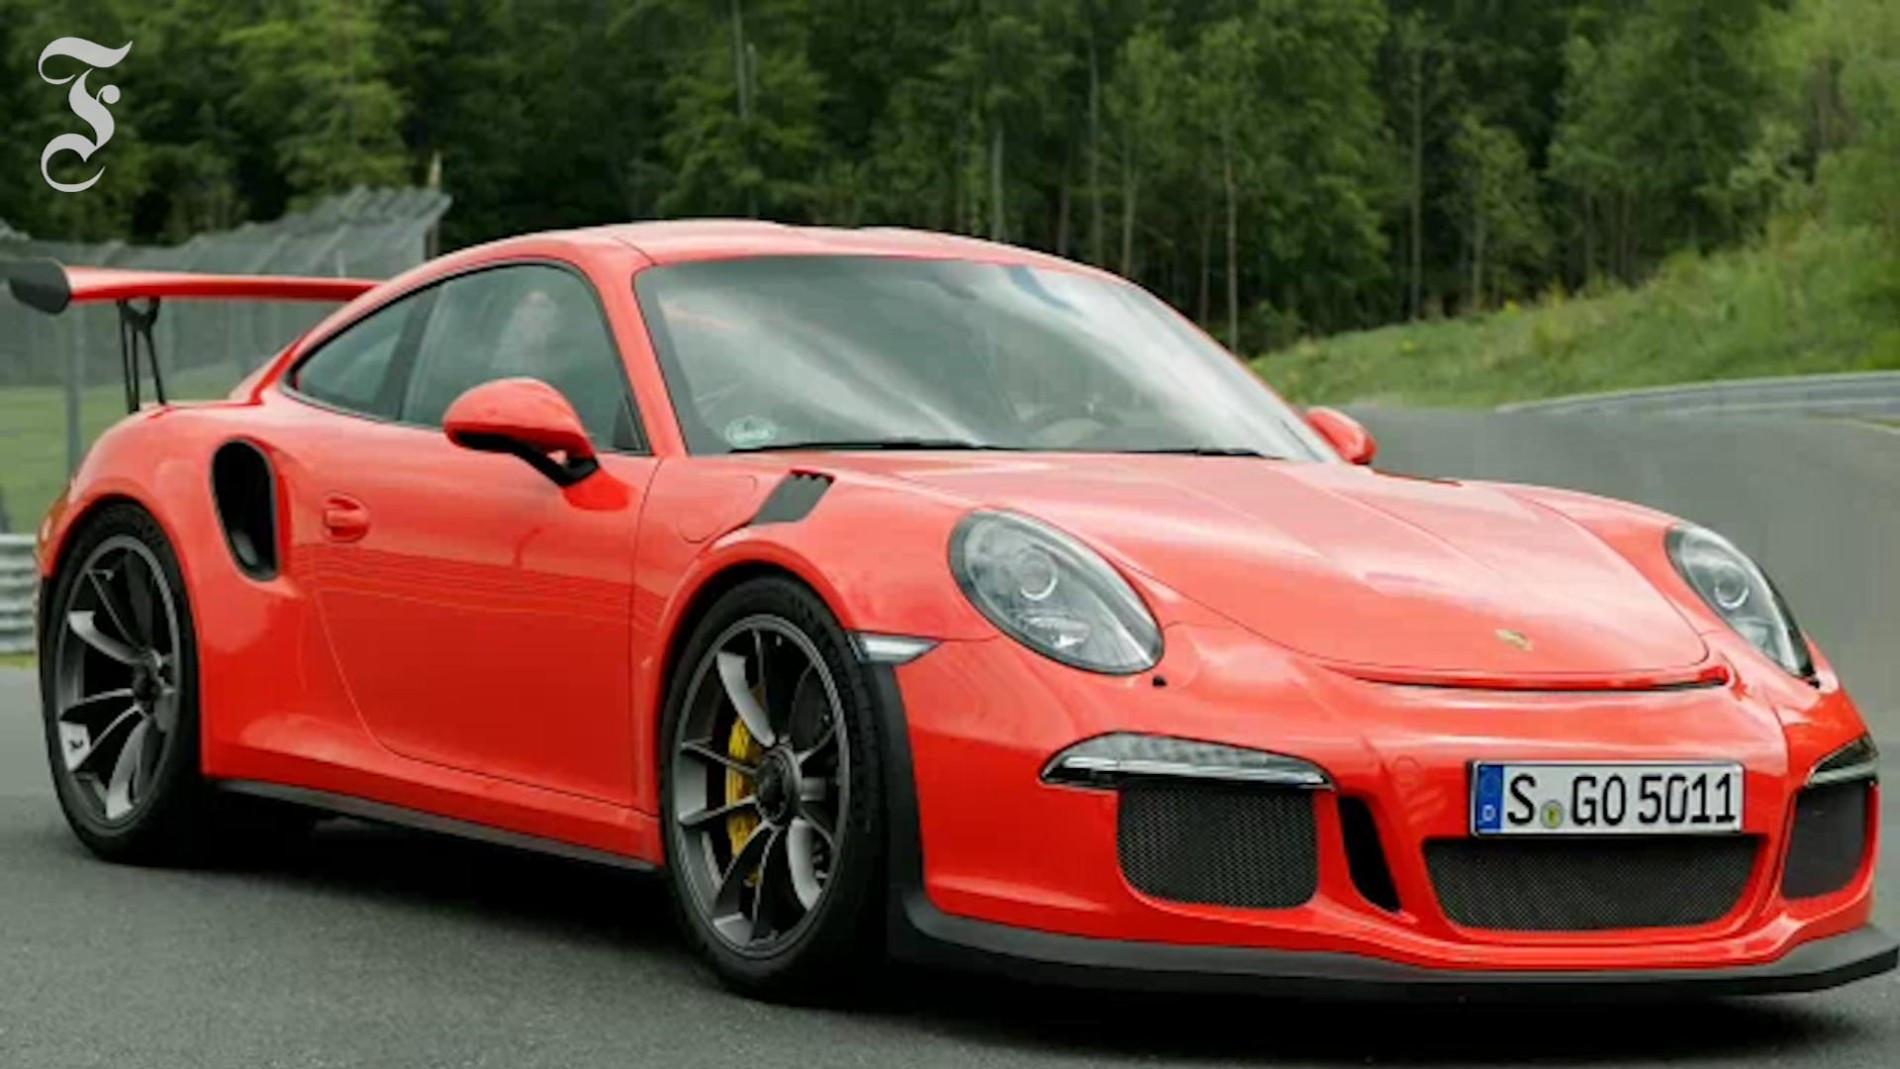 Ausmalbilder Porsche 911 Das Beste Von Malvorlage Porsche Panamera Turbo 1 4 Gt3 Rs Das Bild